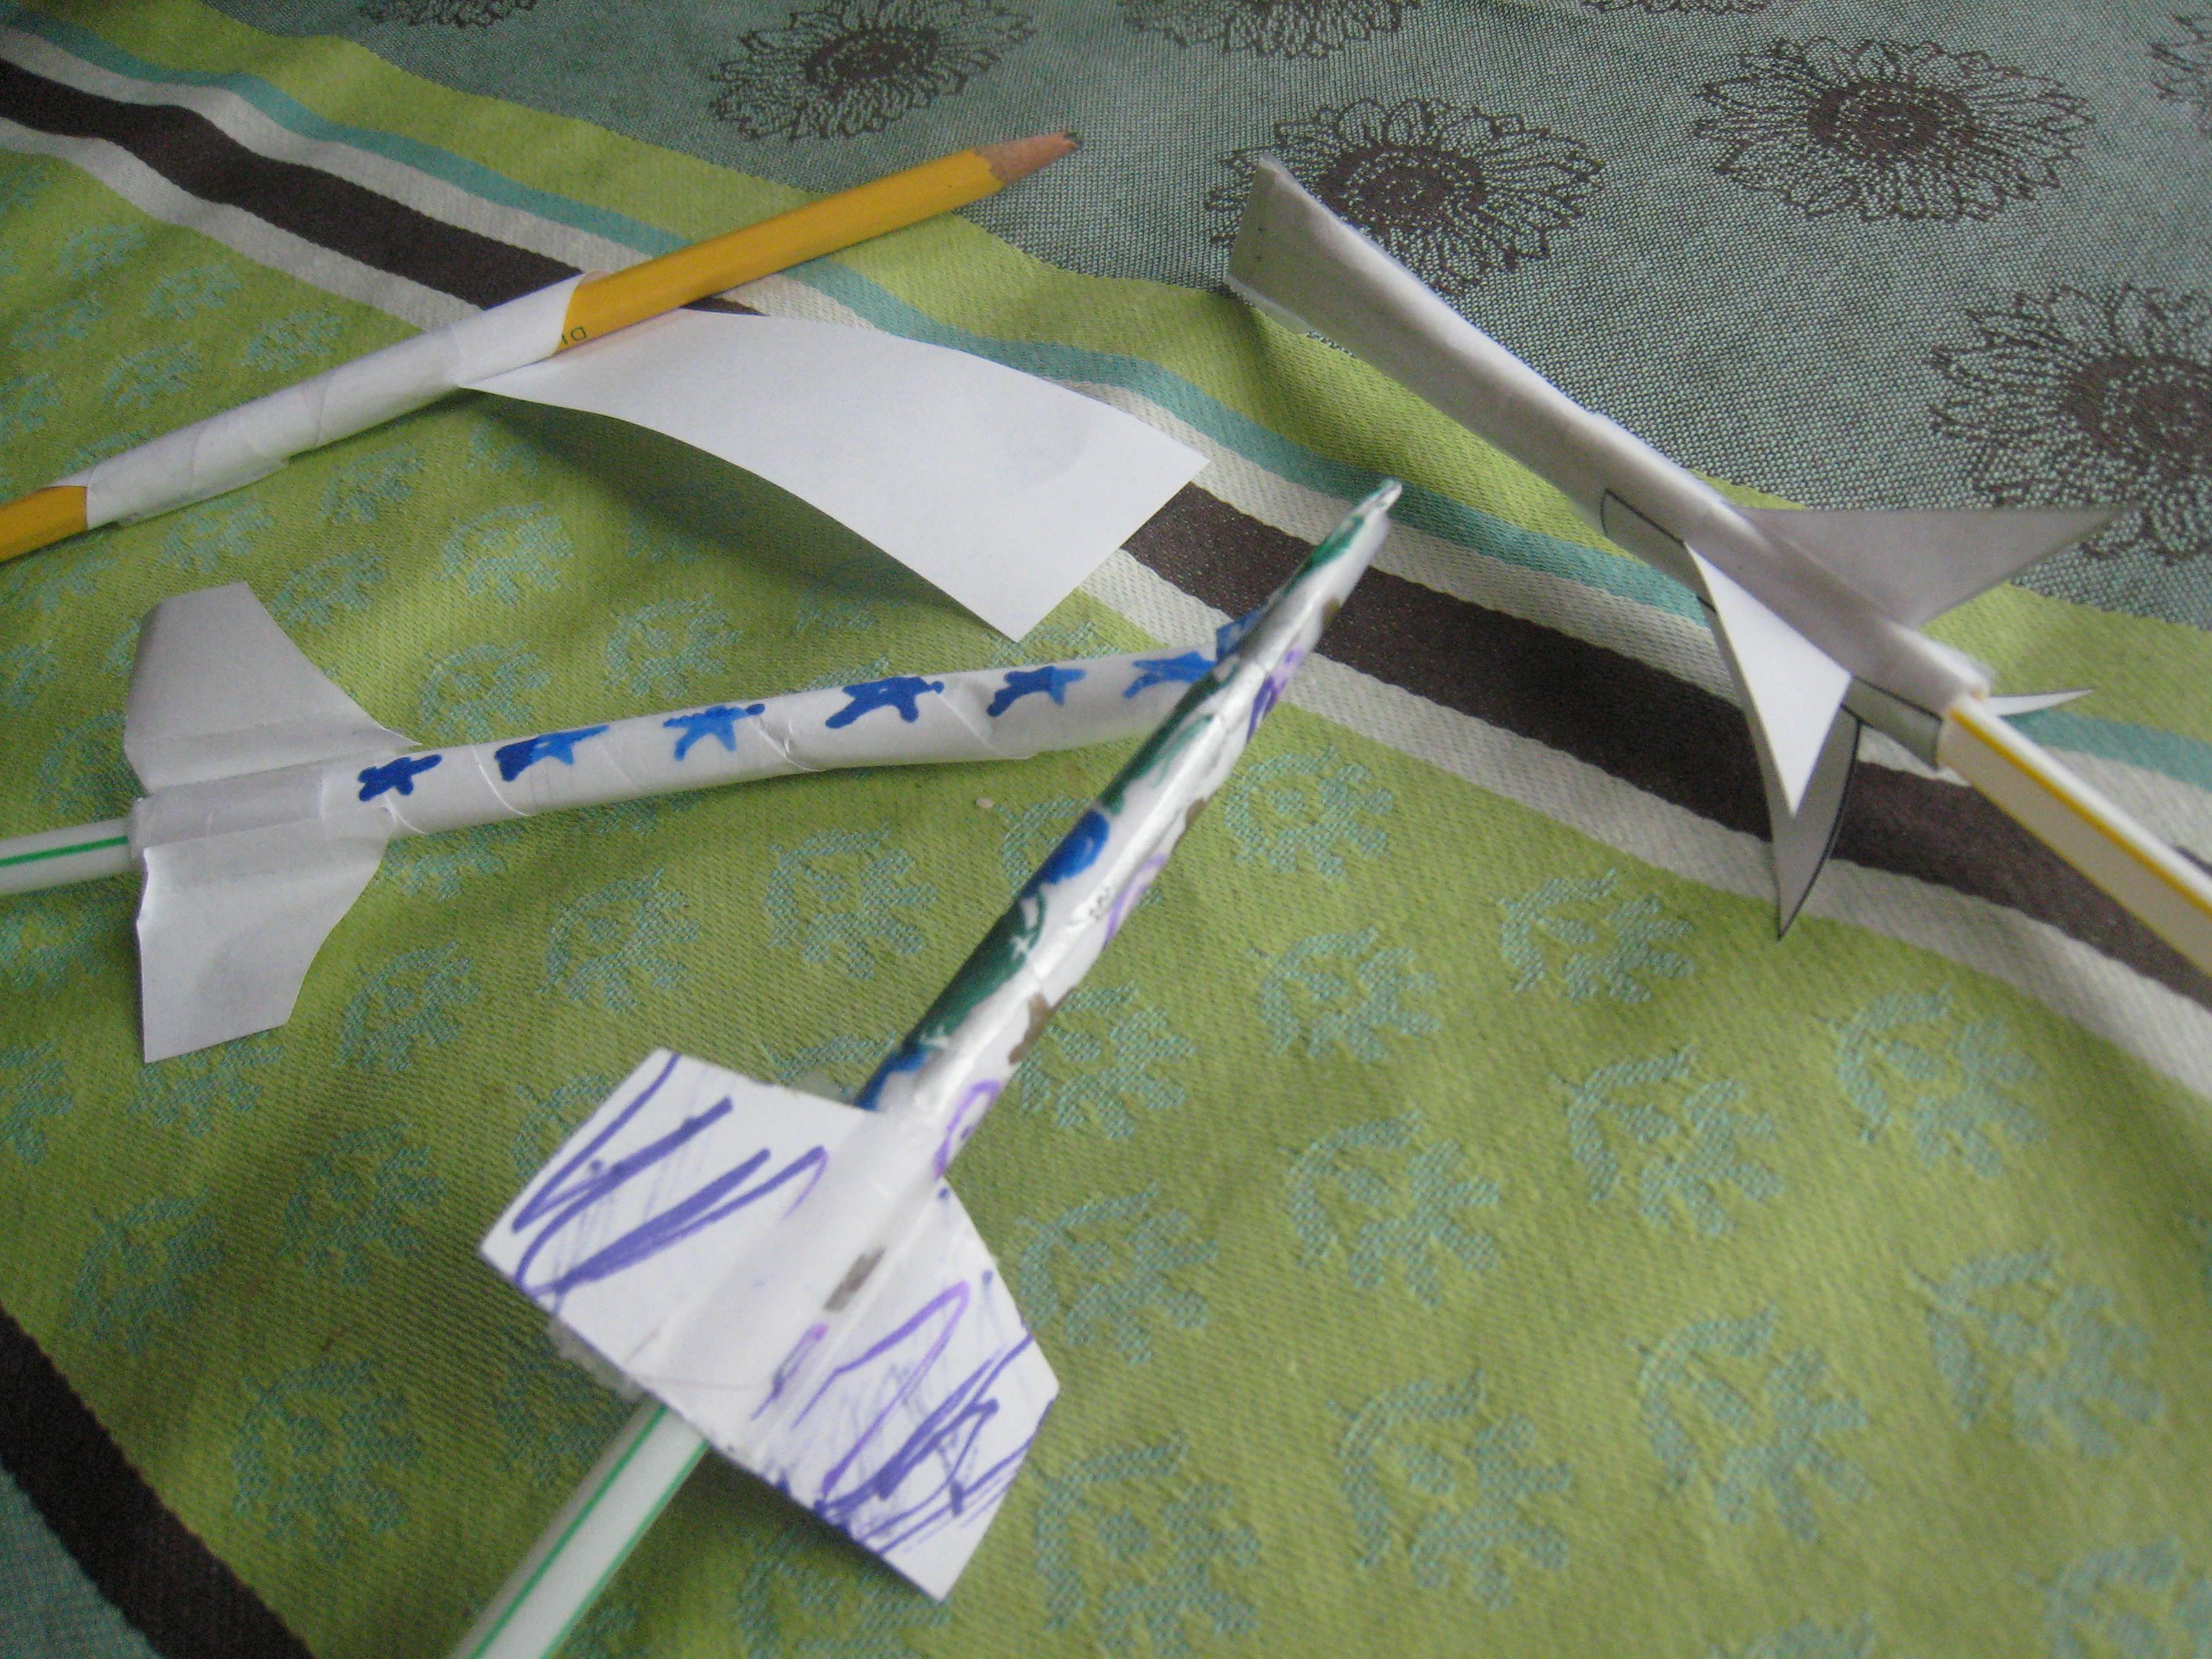 students building paper rocket nasa - photo #31